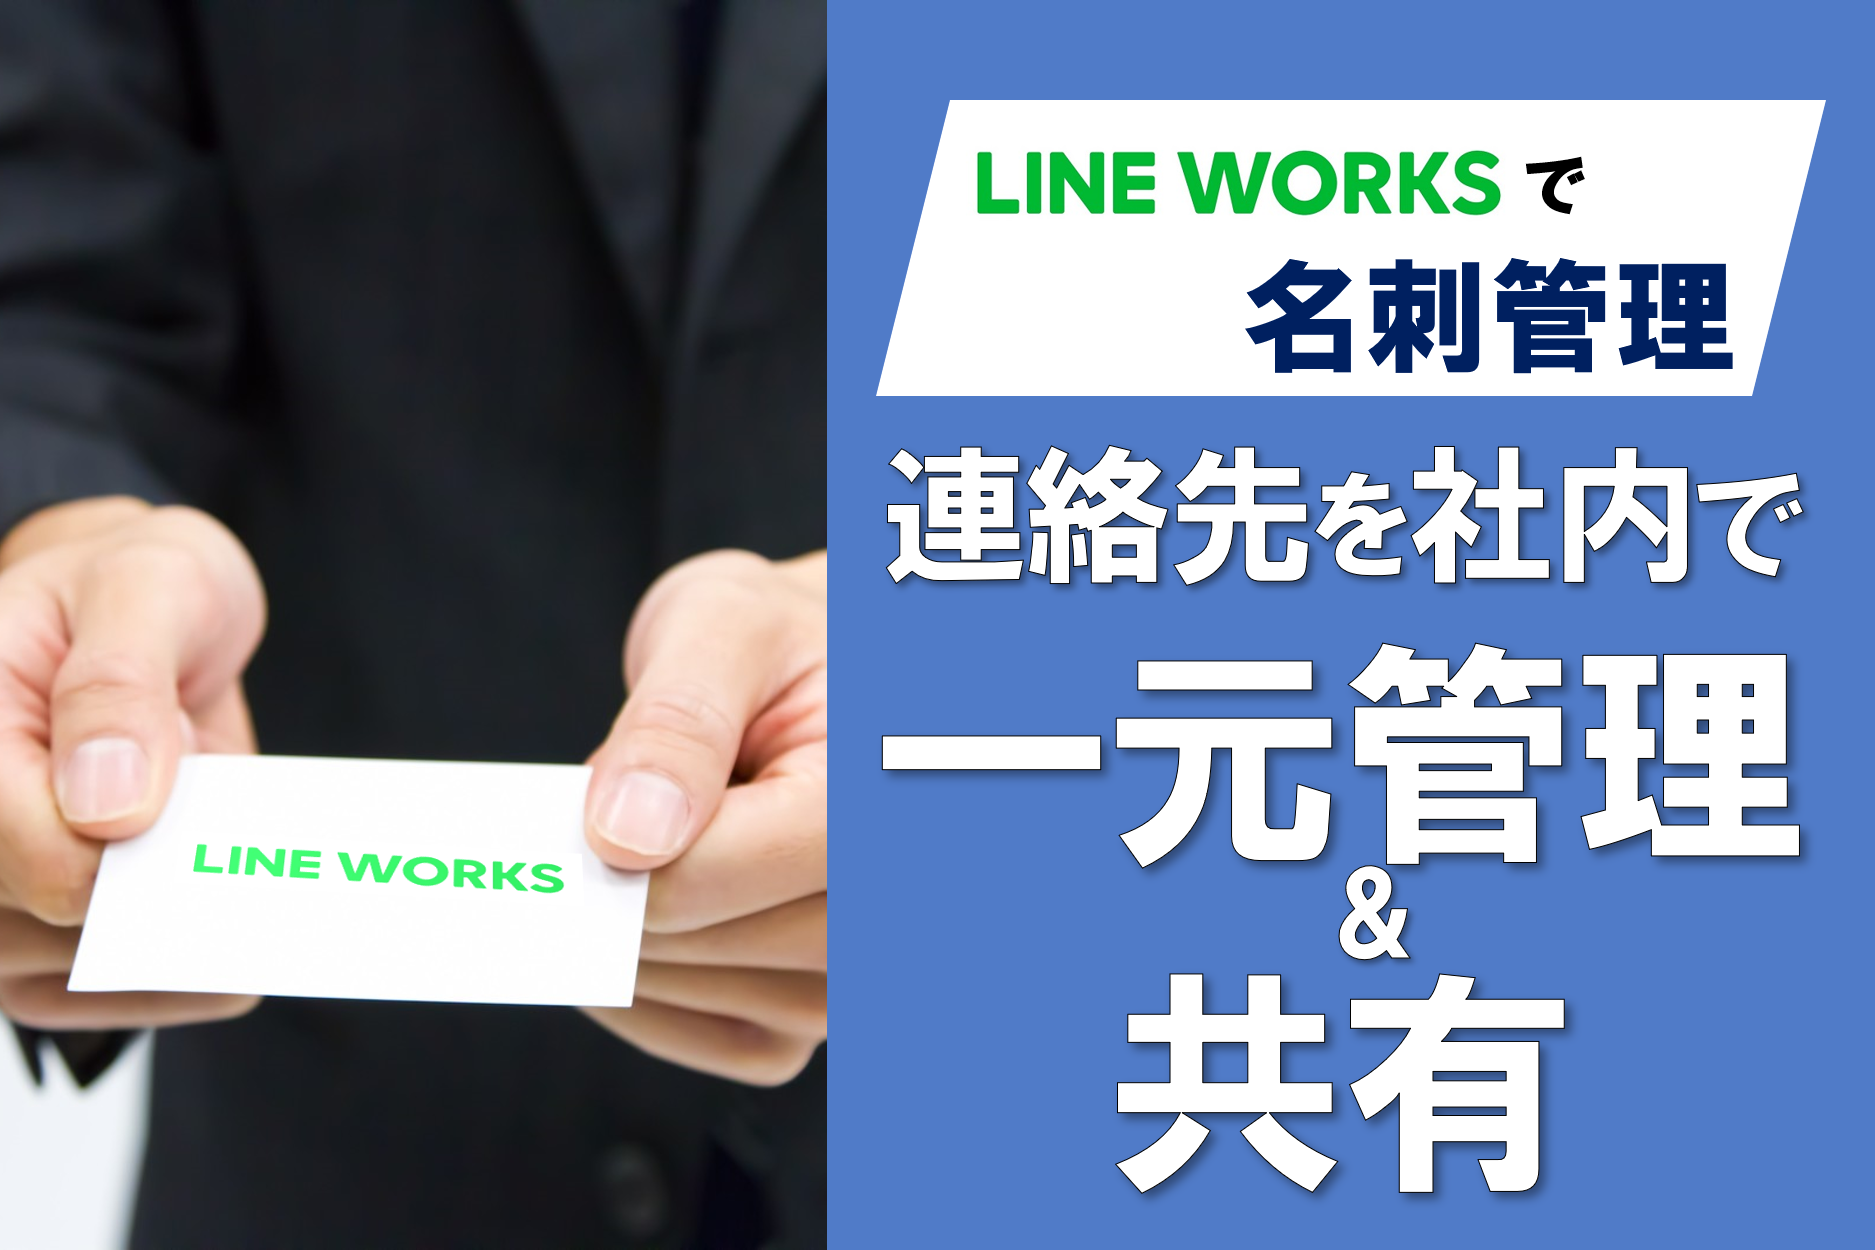 アドレス帳機能が拡充!LINEWORKS(ラインワークス)で「名刺管理」